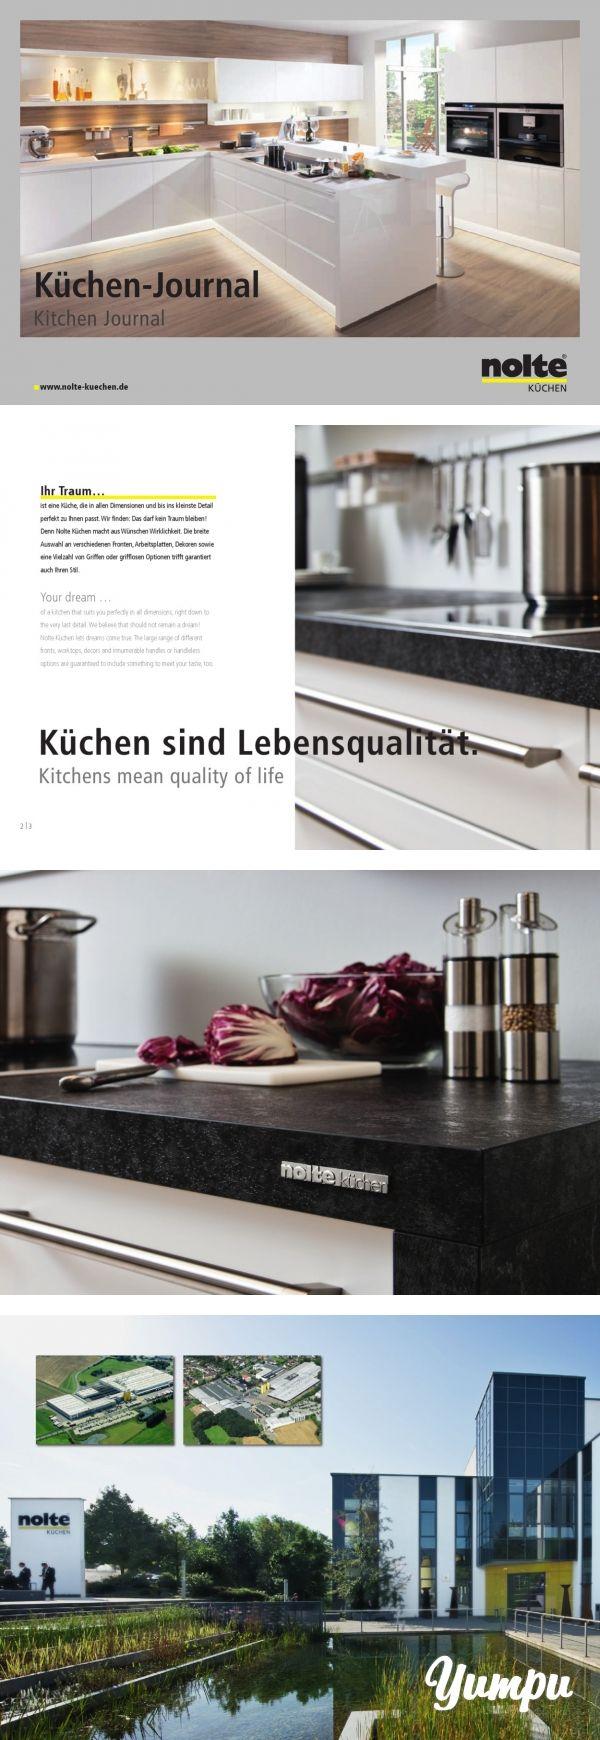 Kitchen news on KB Network :-) | Nolte Küchen | Pinterest